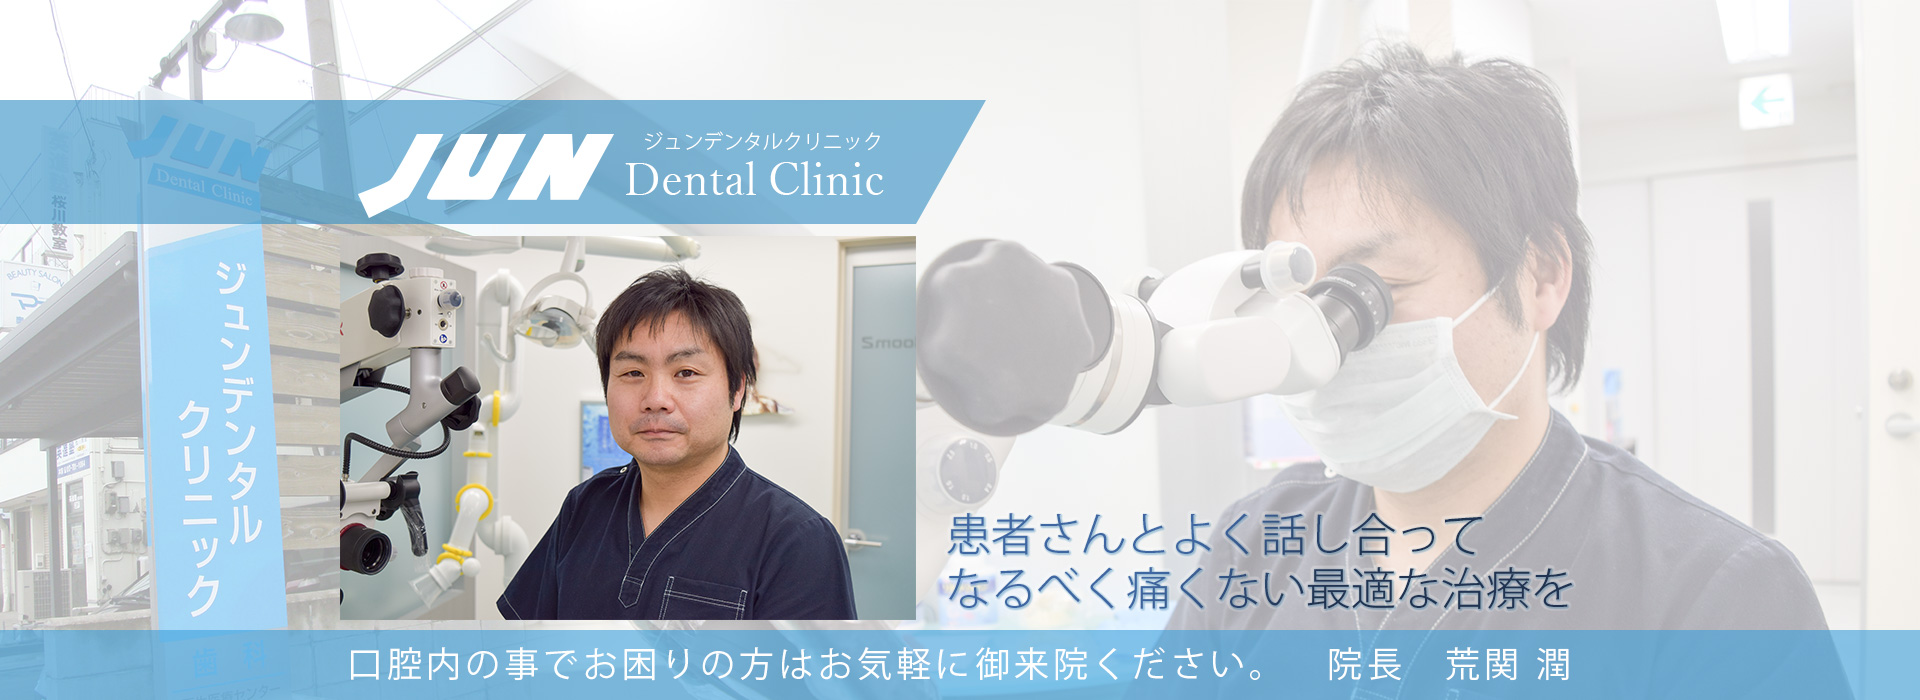 青森市にある歯医者 - Jun Dental Clinic - ジュンデンタルクリニック